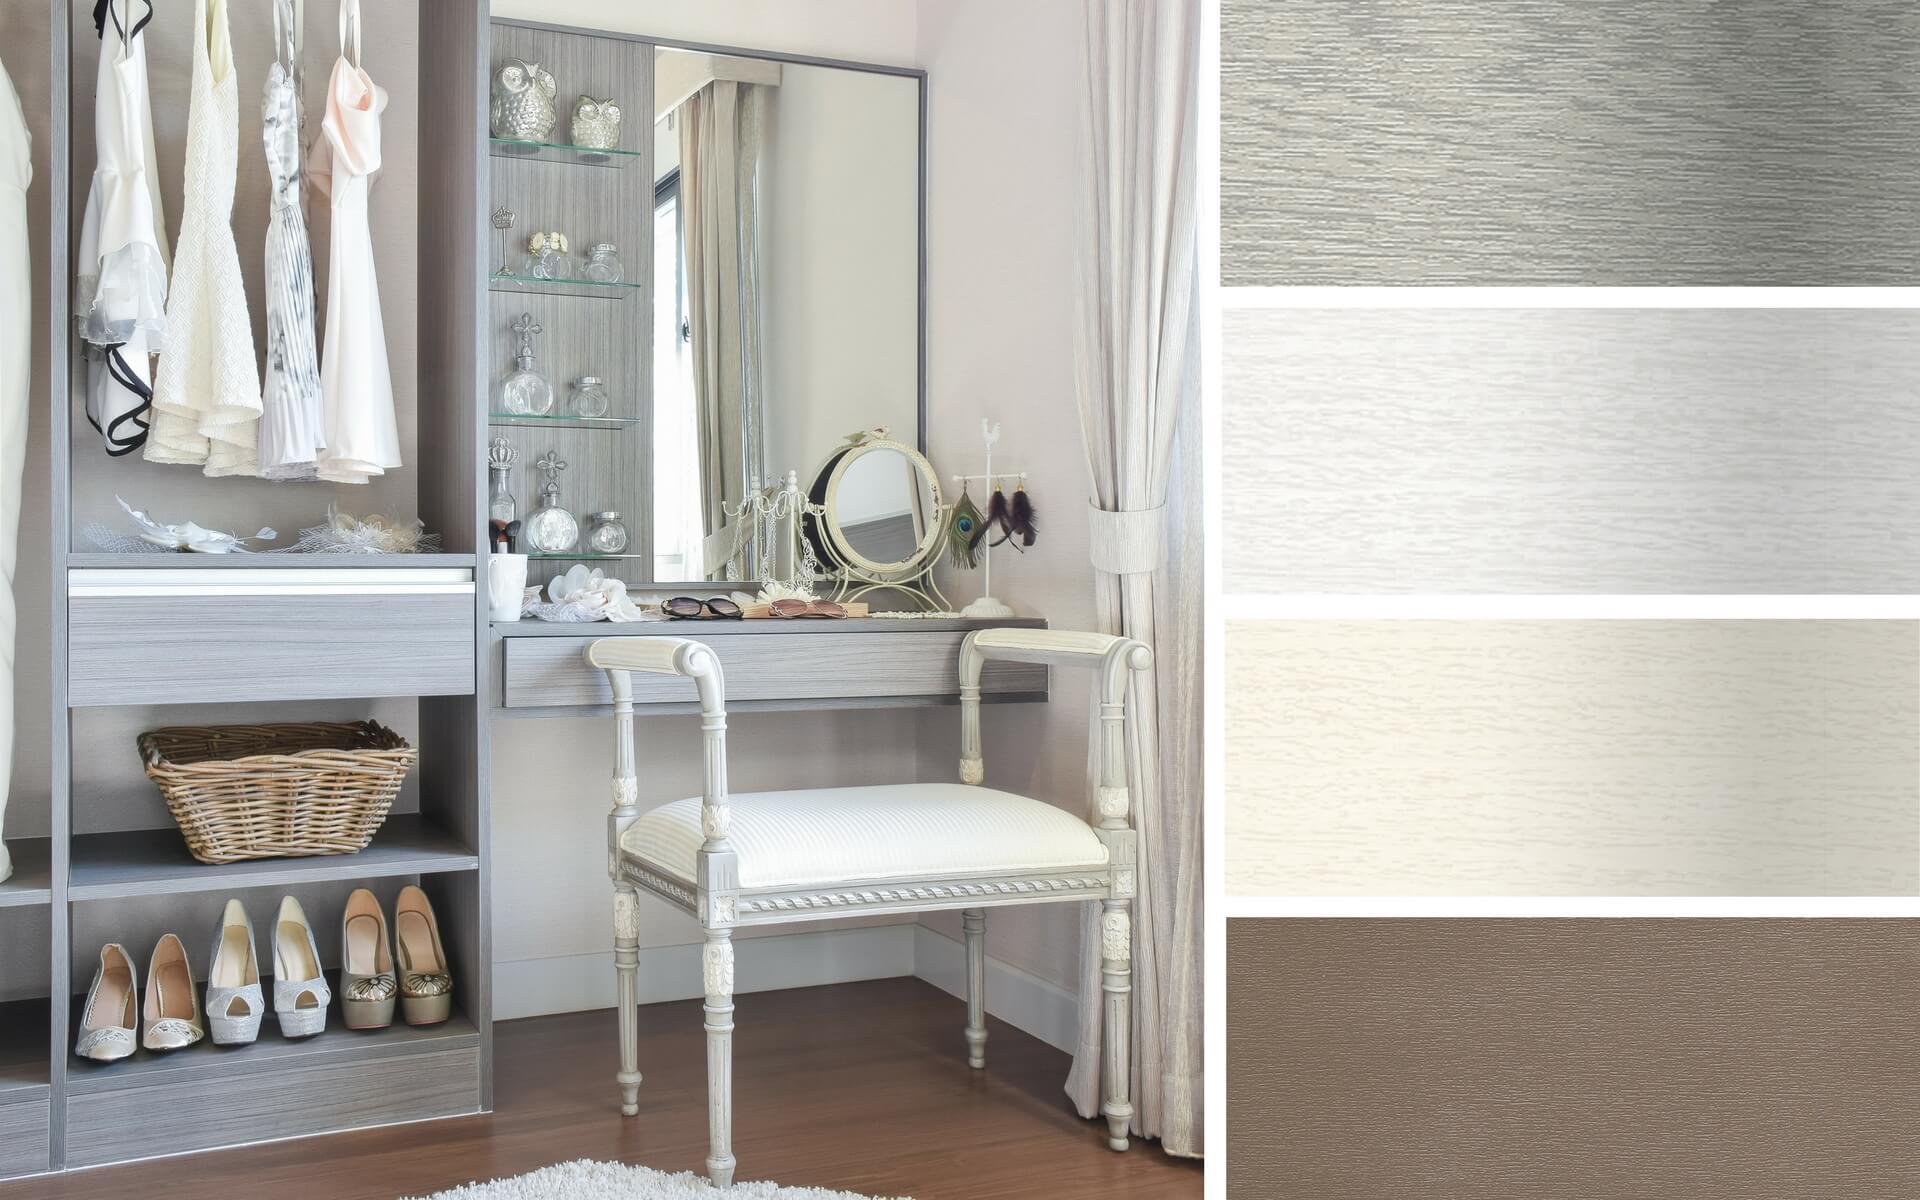 Consigli di come arredare la casa in stile shabby chic for Finestre per case in stile artigiano